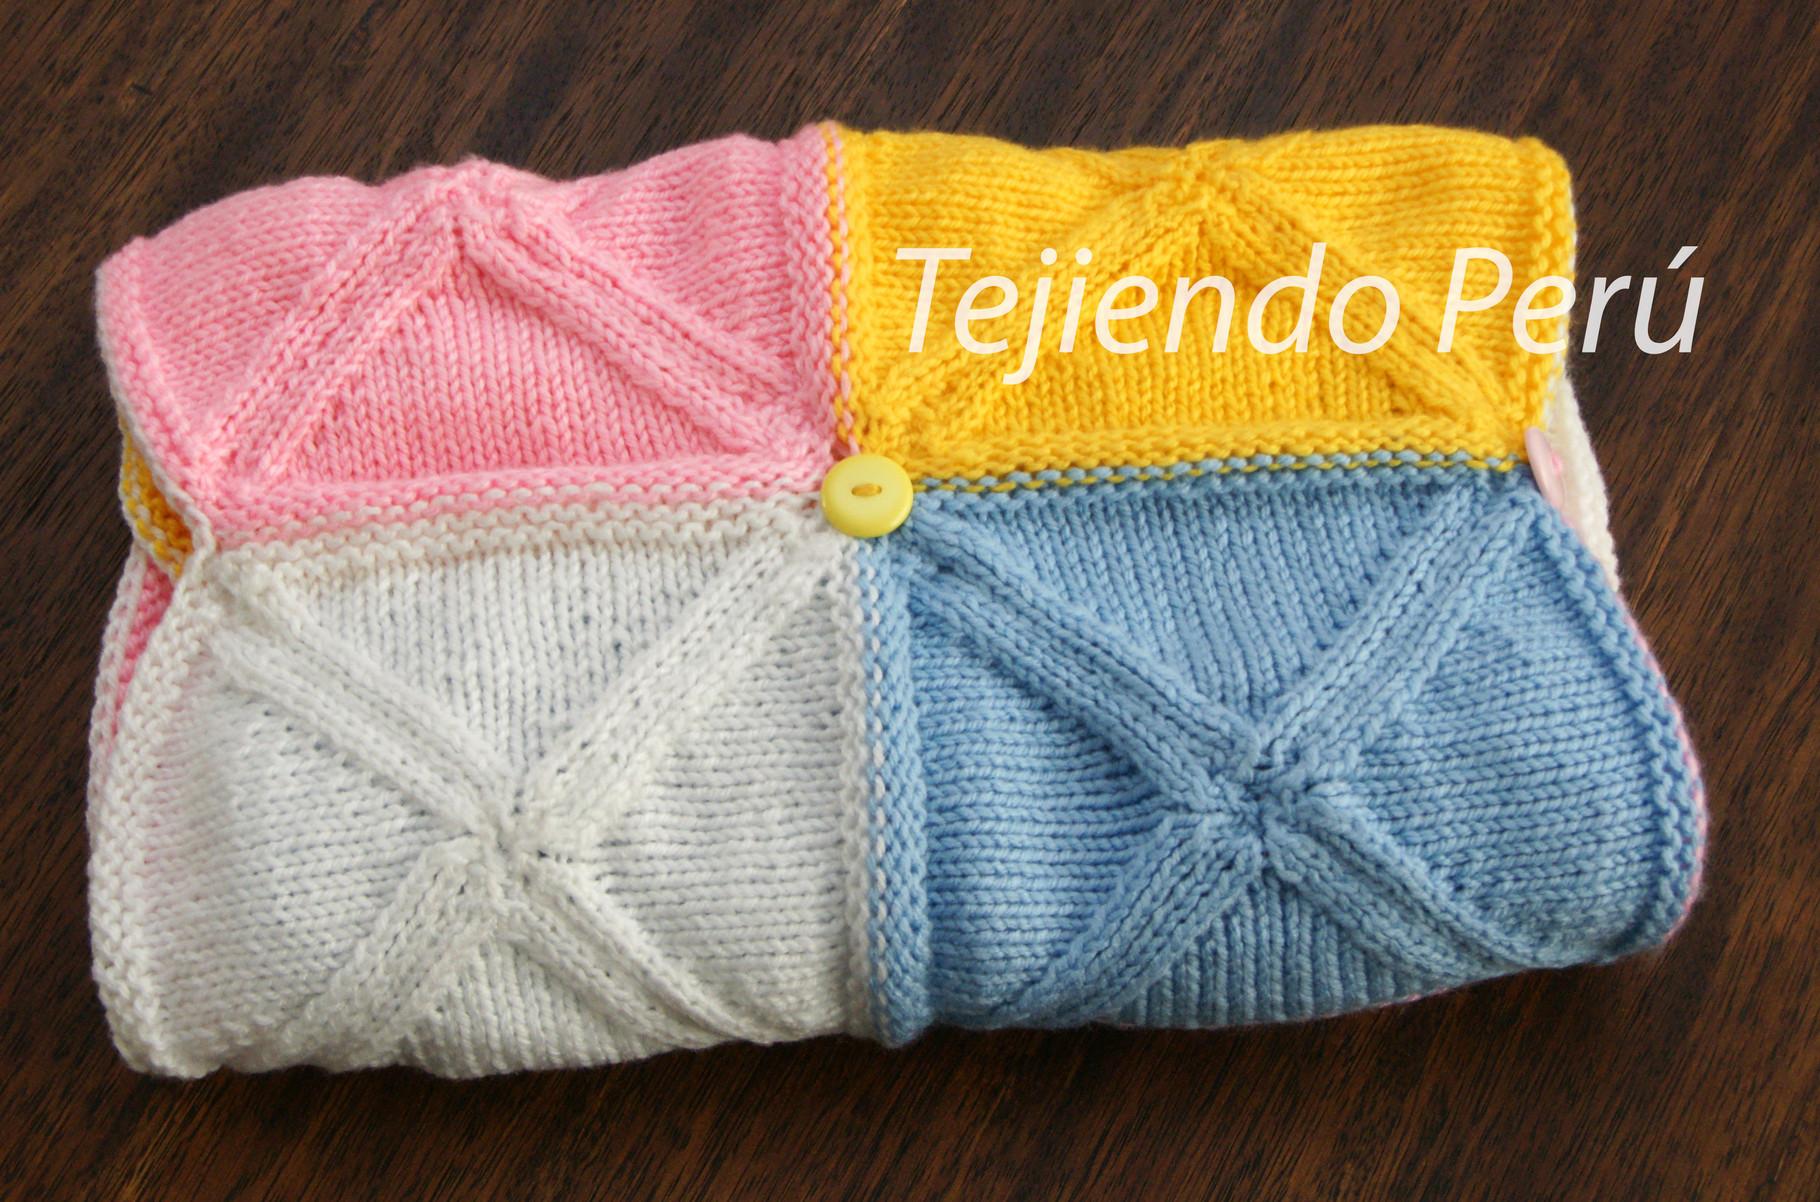 Manta hecha con triángulos tejidos para bebes - Tejiendo Perú